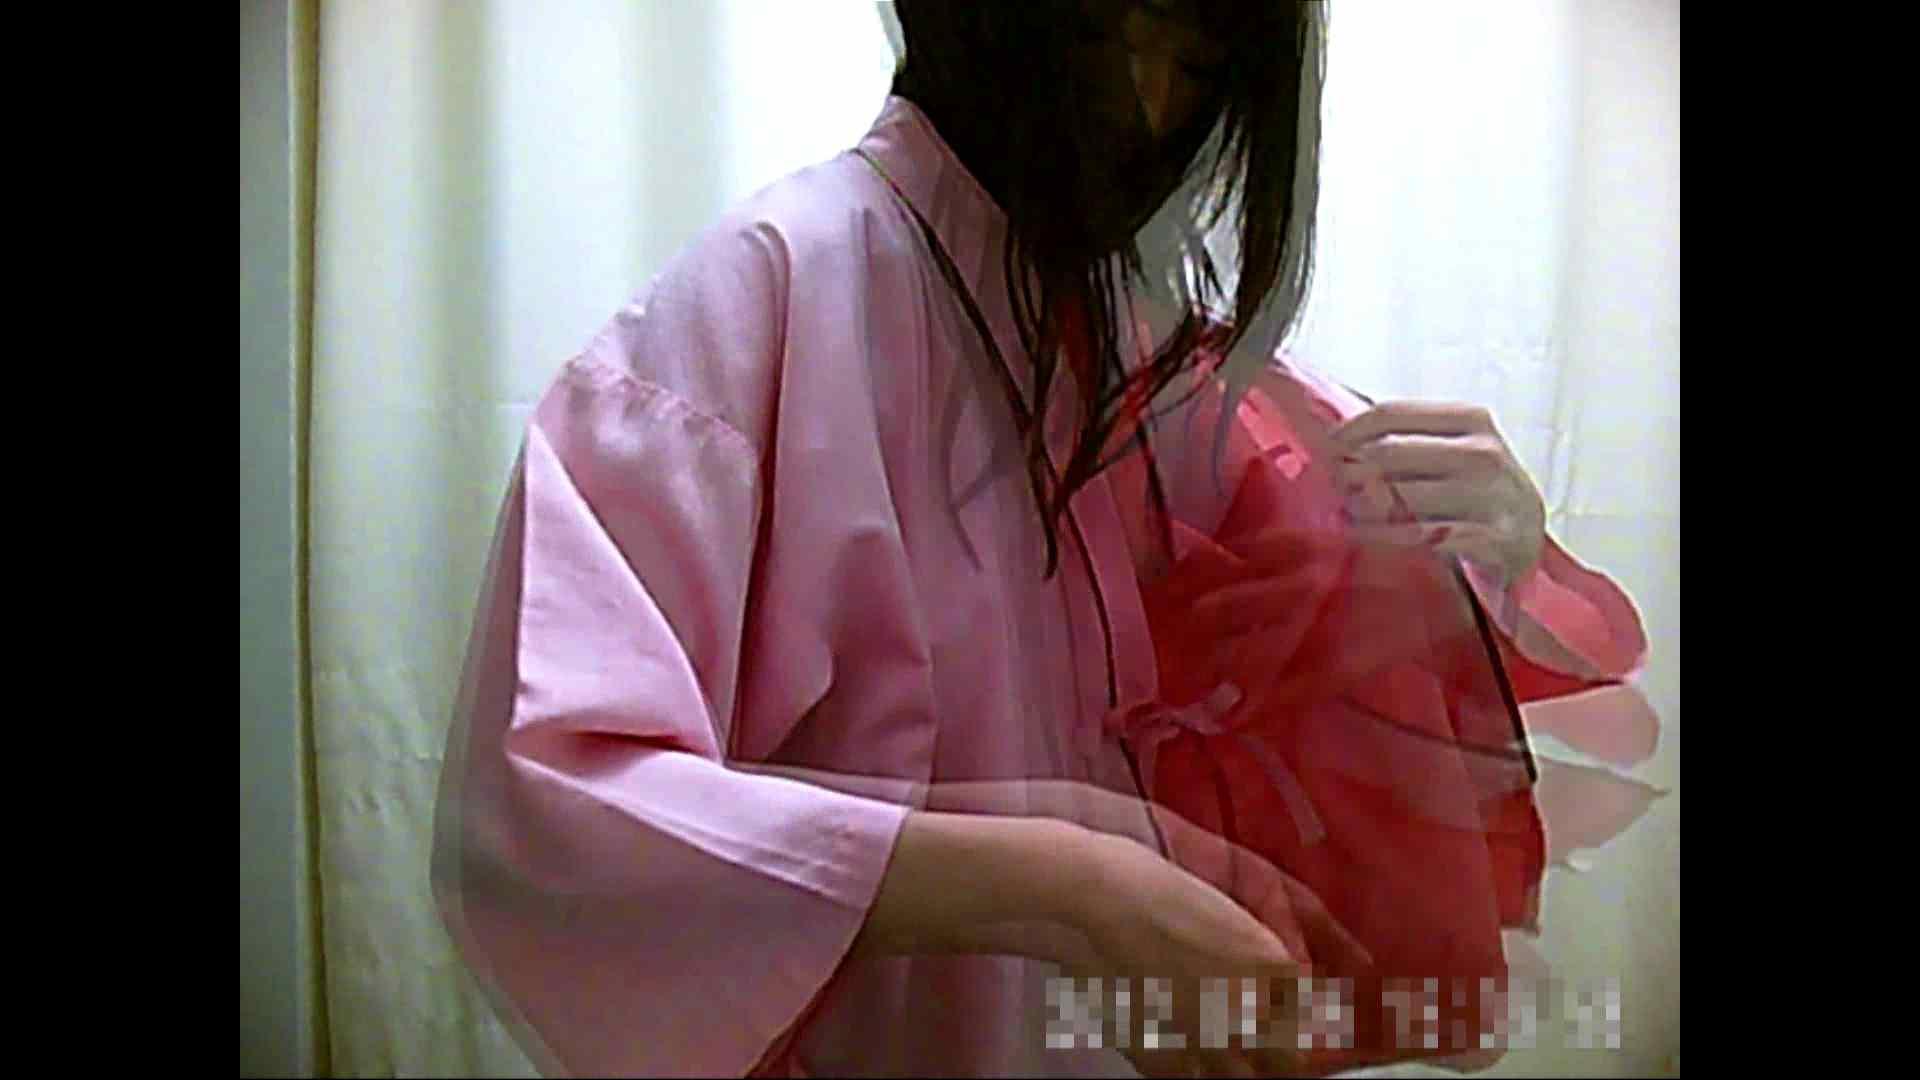 元医者による反抗 更衣室地獄絵巻 vol.020 OL  105pic 82